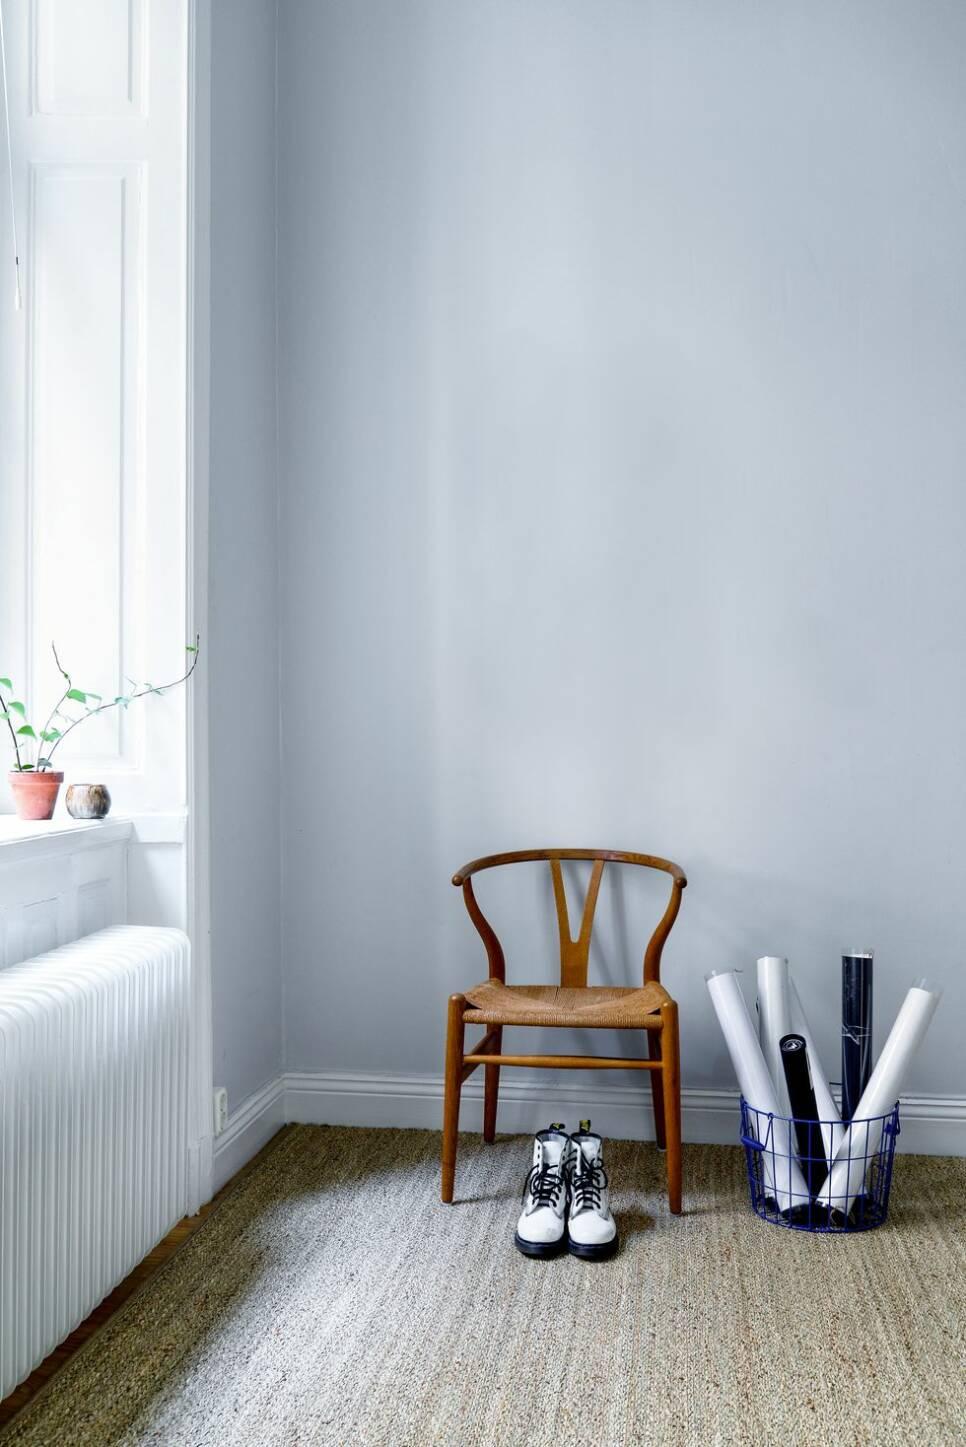 Styla ditt hem som proffsen – öka värdet på din bostad